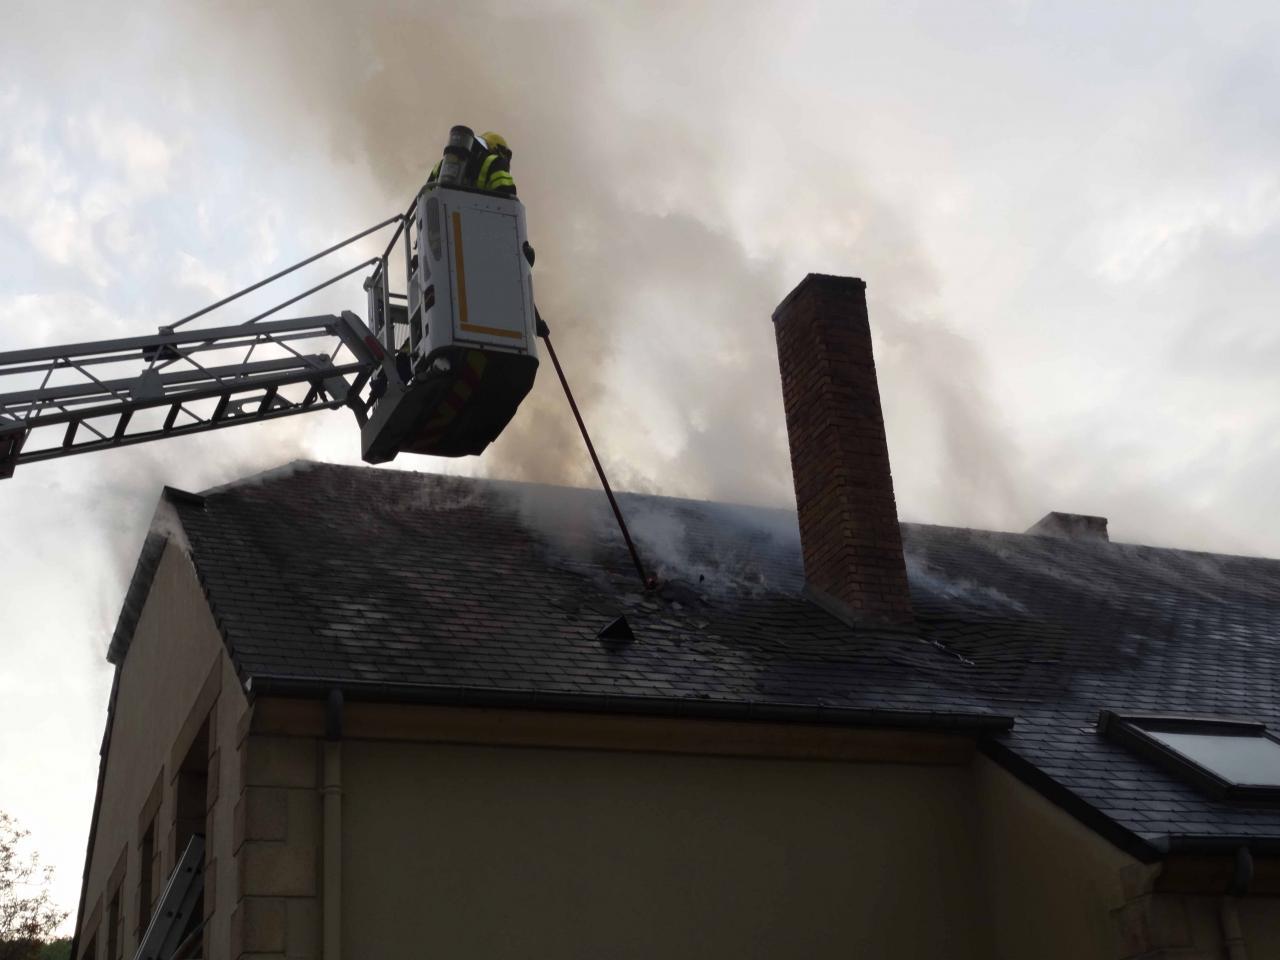 80 m² de toiture brûle à cause d'un feu de cheminée à VAUX.